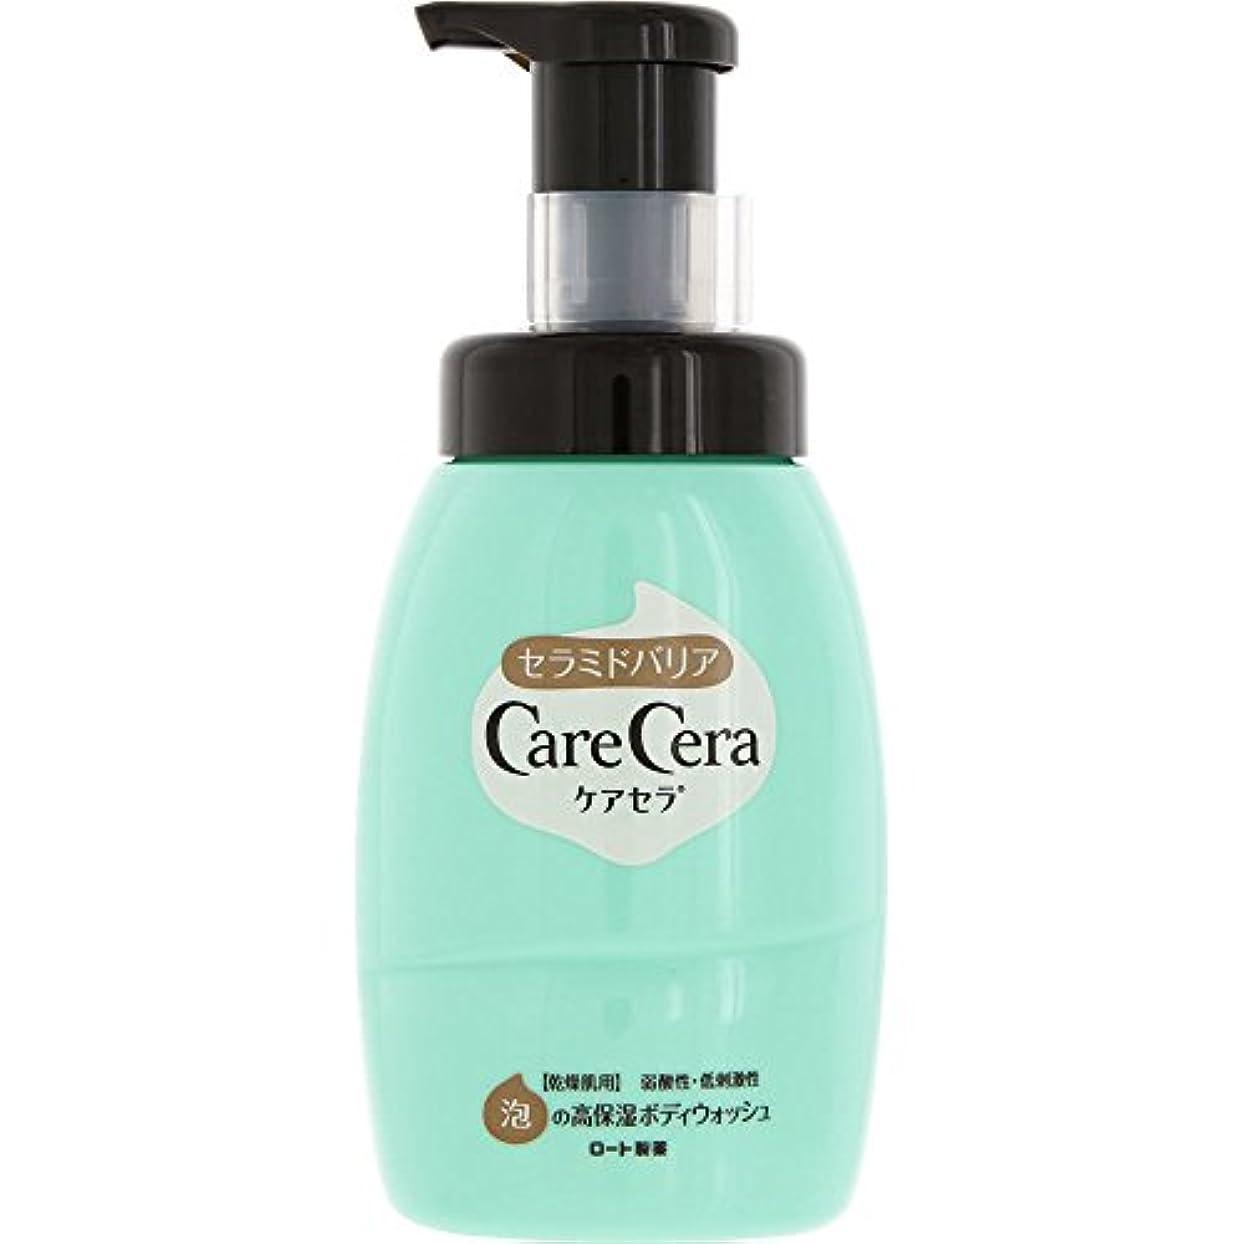 さびた洞窟くつろぐケアセラ(CareCera) ロート製薬 ケアセラ  天然型セラミド7種配合 セラミド濃度10倍泡の高保湿 全身ボディウォッシュ ピュアフローラルの香り お試し企画品 300mL